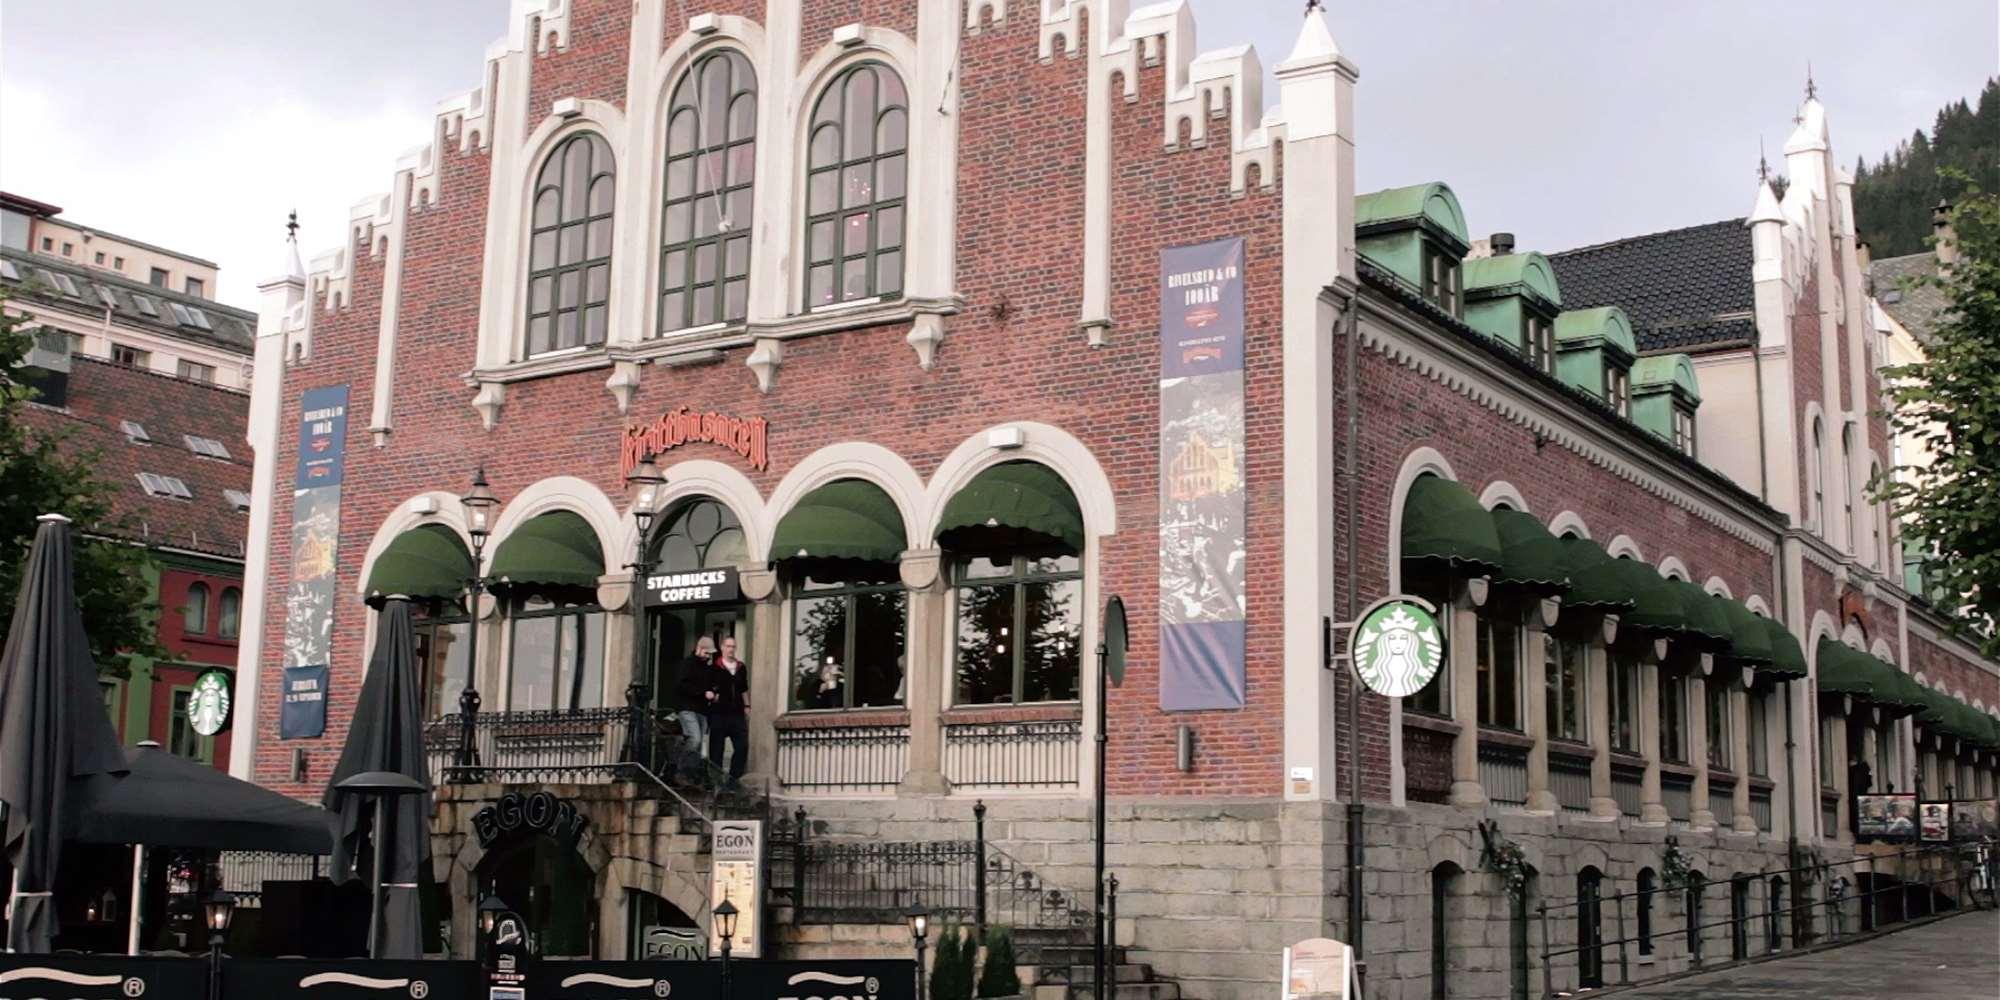 Starbucks Kjøttbasaren